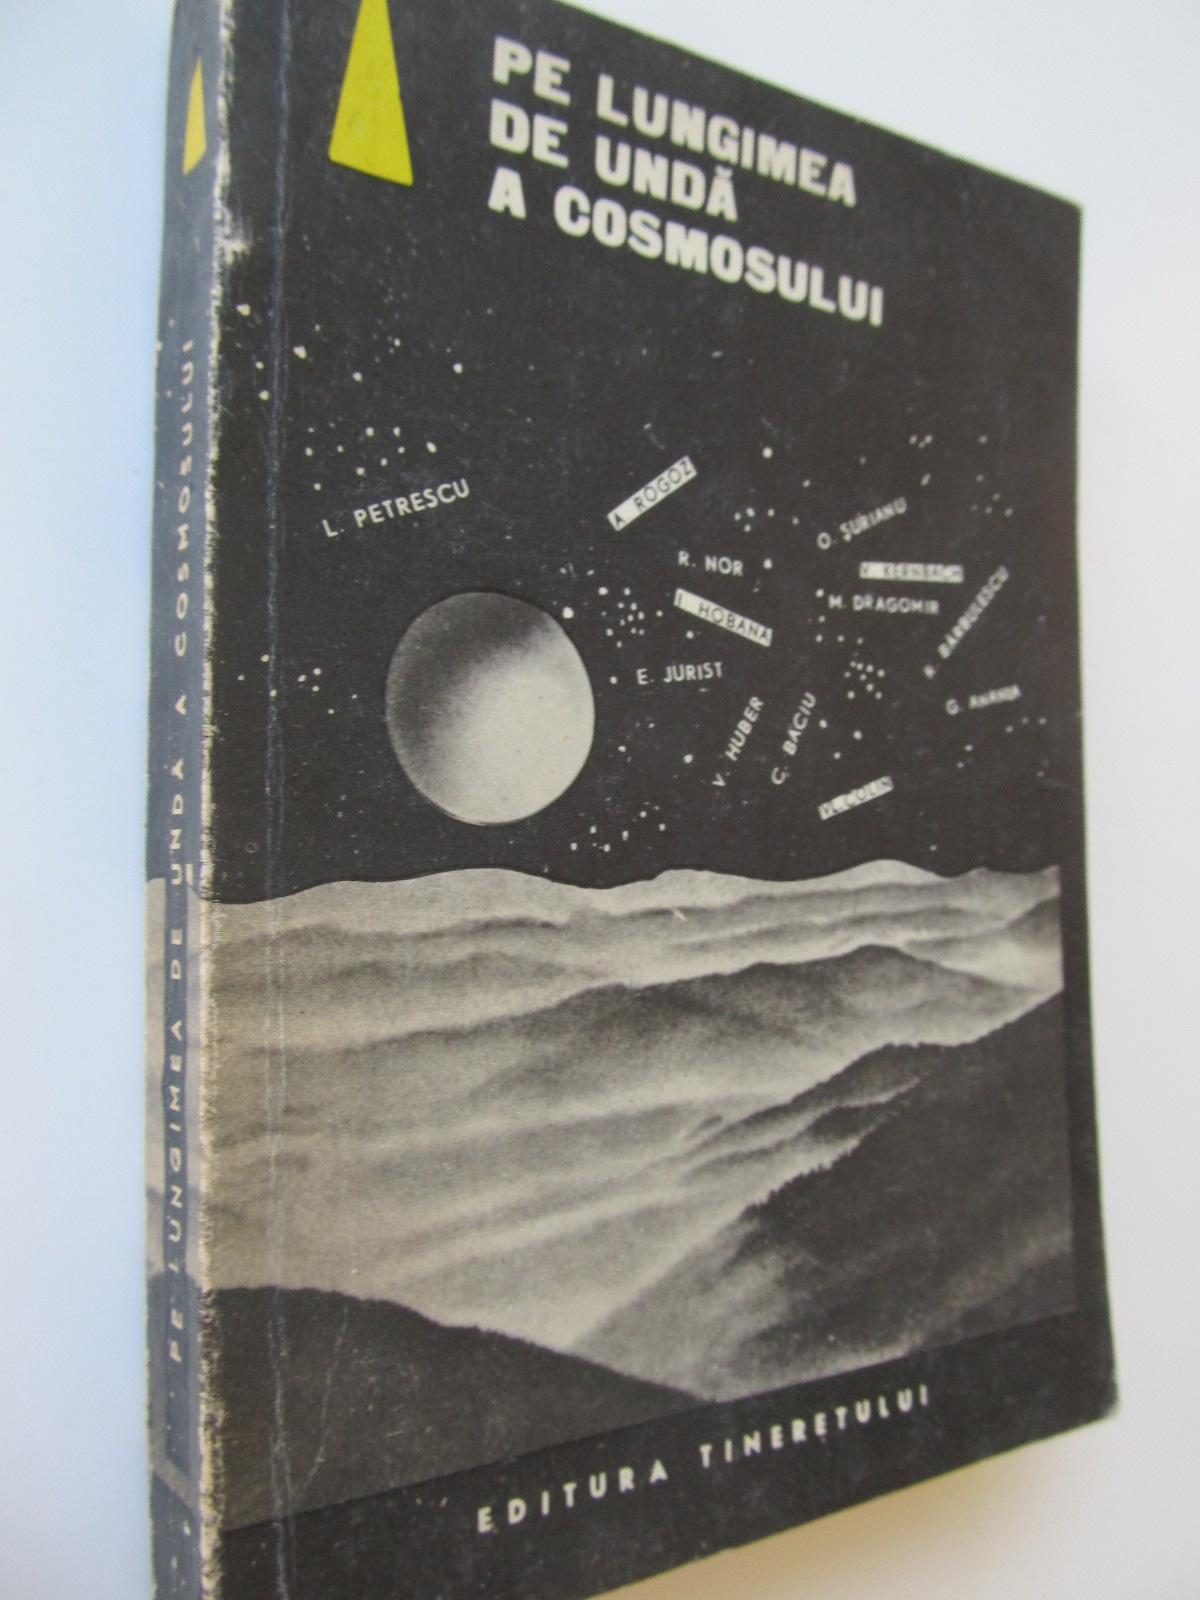 Pe lungimea de unda a cosmosului - Culegere de povestiri SF romanesti - *** | Detalii carte